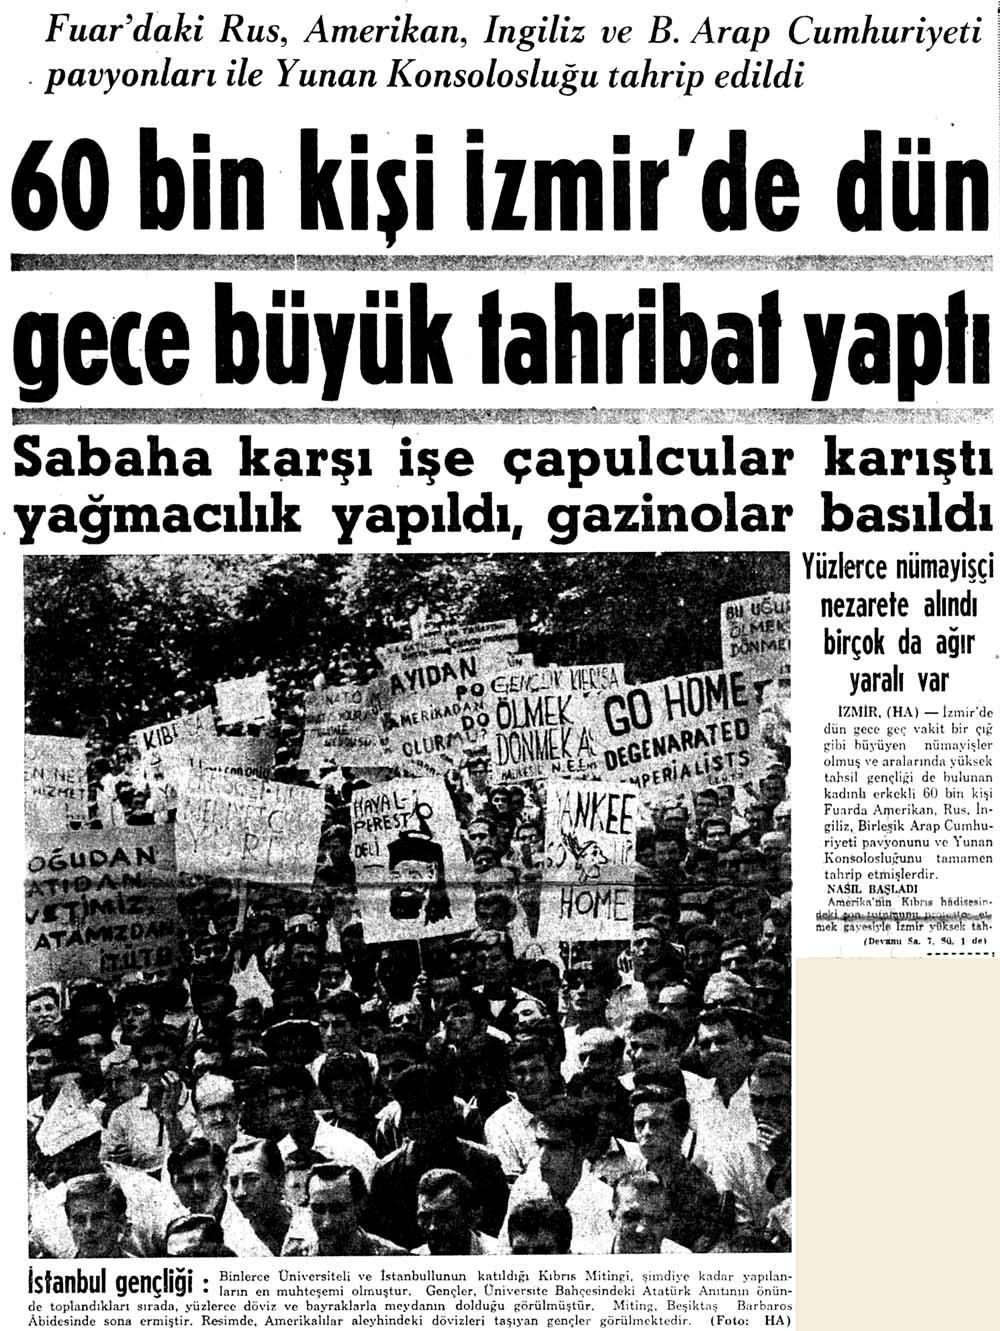 60 bin kişi İzmir'de dün gece büyük tahribat yaptı